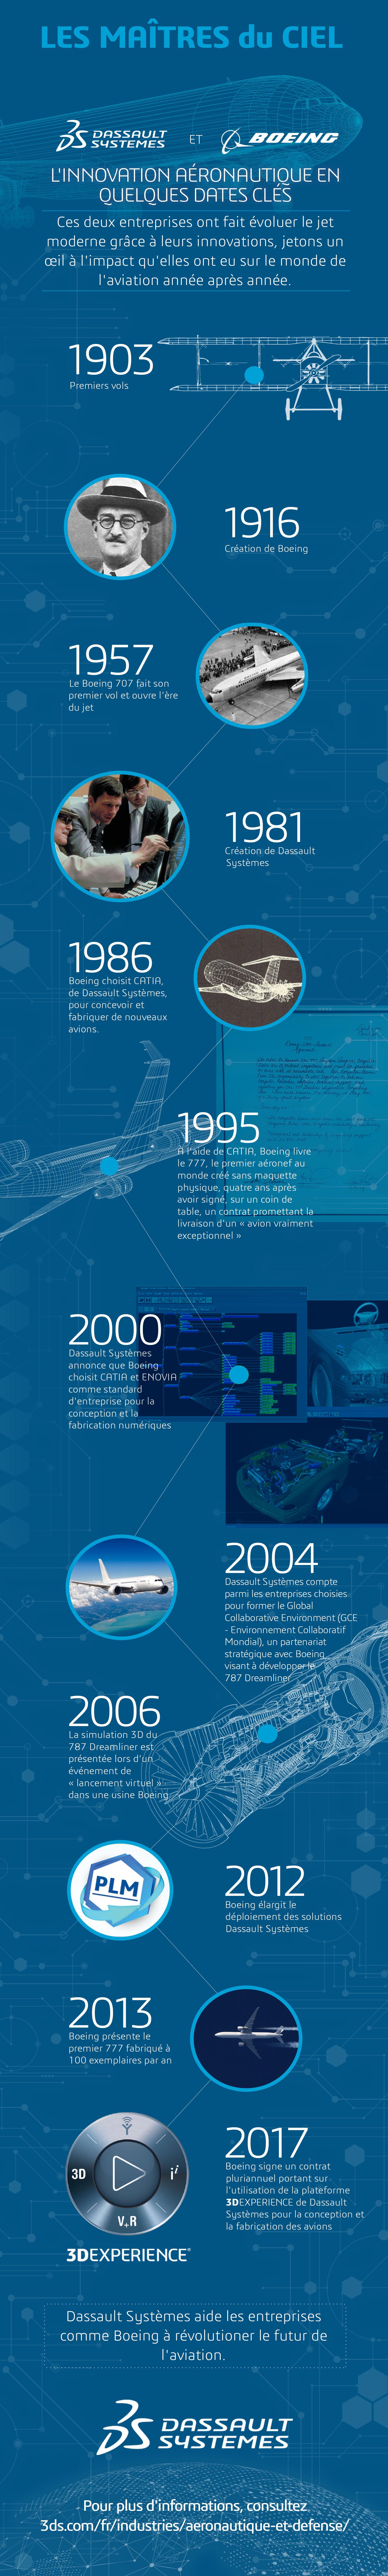 infographie 30 ans de collaboration aeronautique - Dassault Systèmes